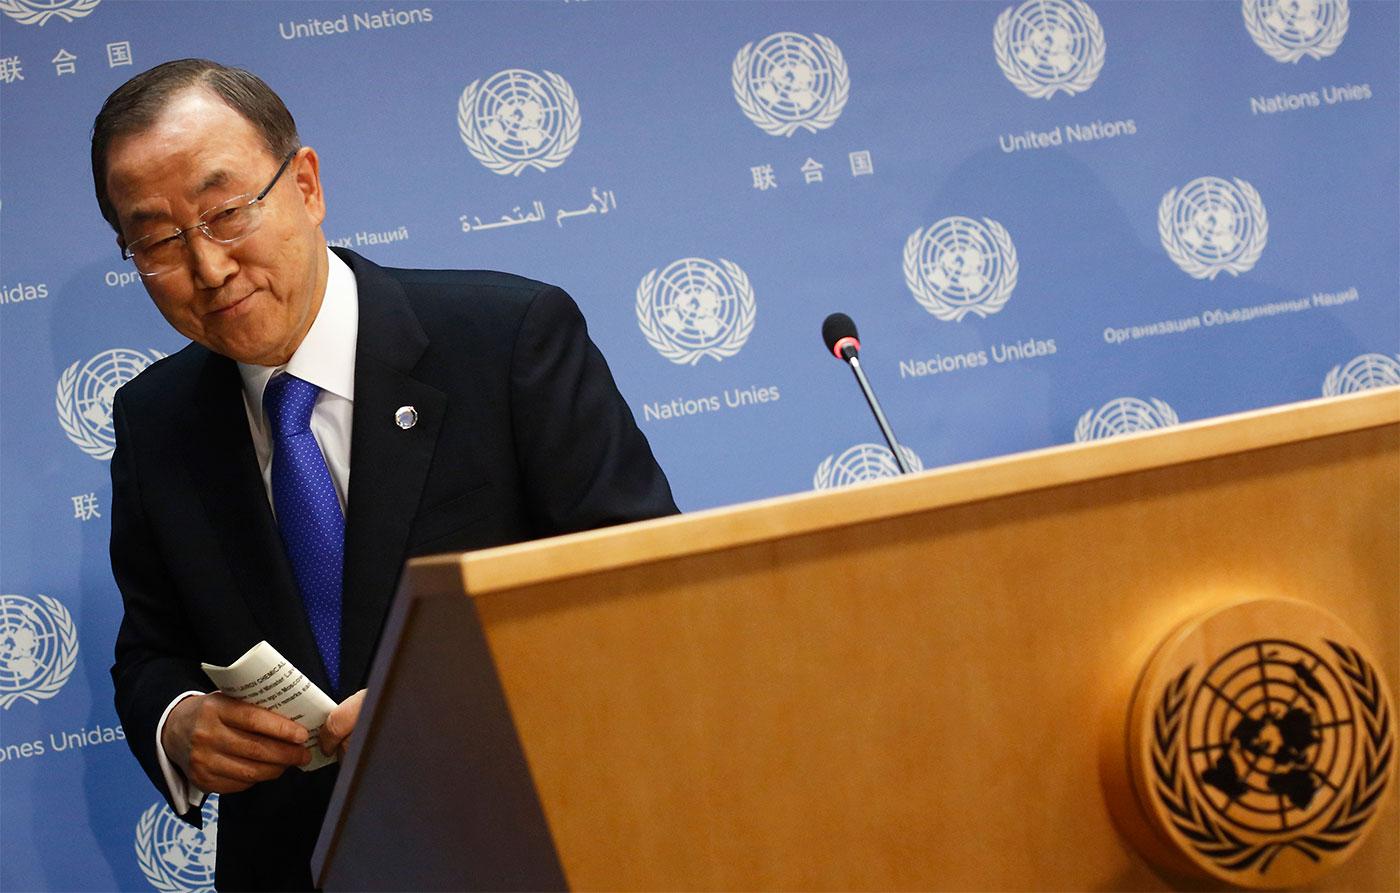 Уходящего Пан Ги Муна нельзя назвать ярким лидером, оставившим след в истории. Источник http://russiancouncil.ru/